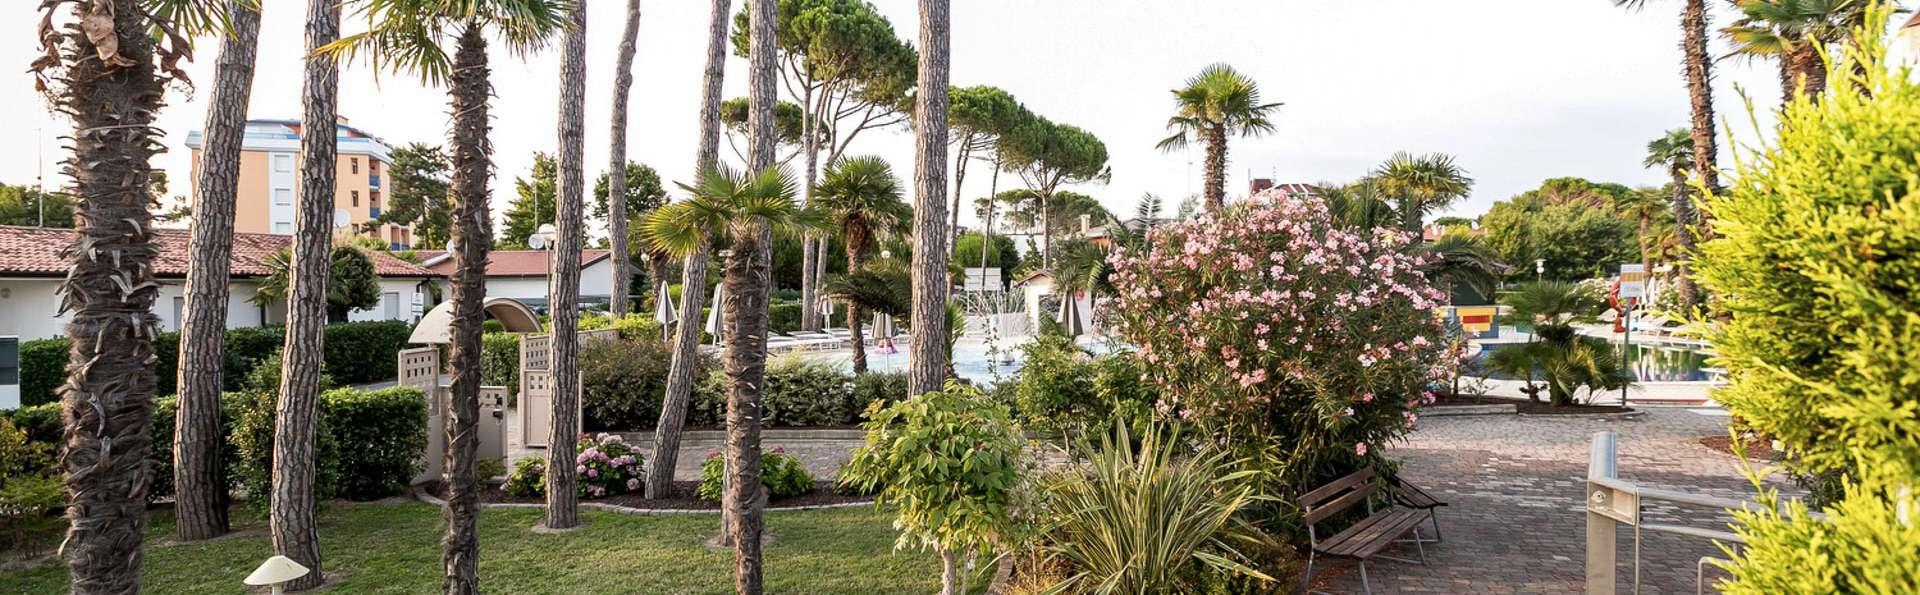 Mediterranee Family & Spa Hotel - EDIT_EXTERIOR_03.jpg